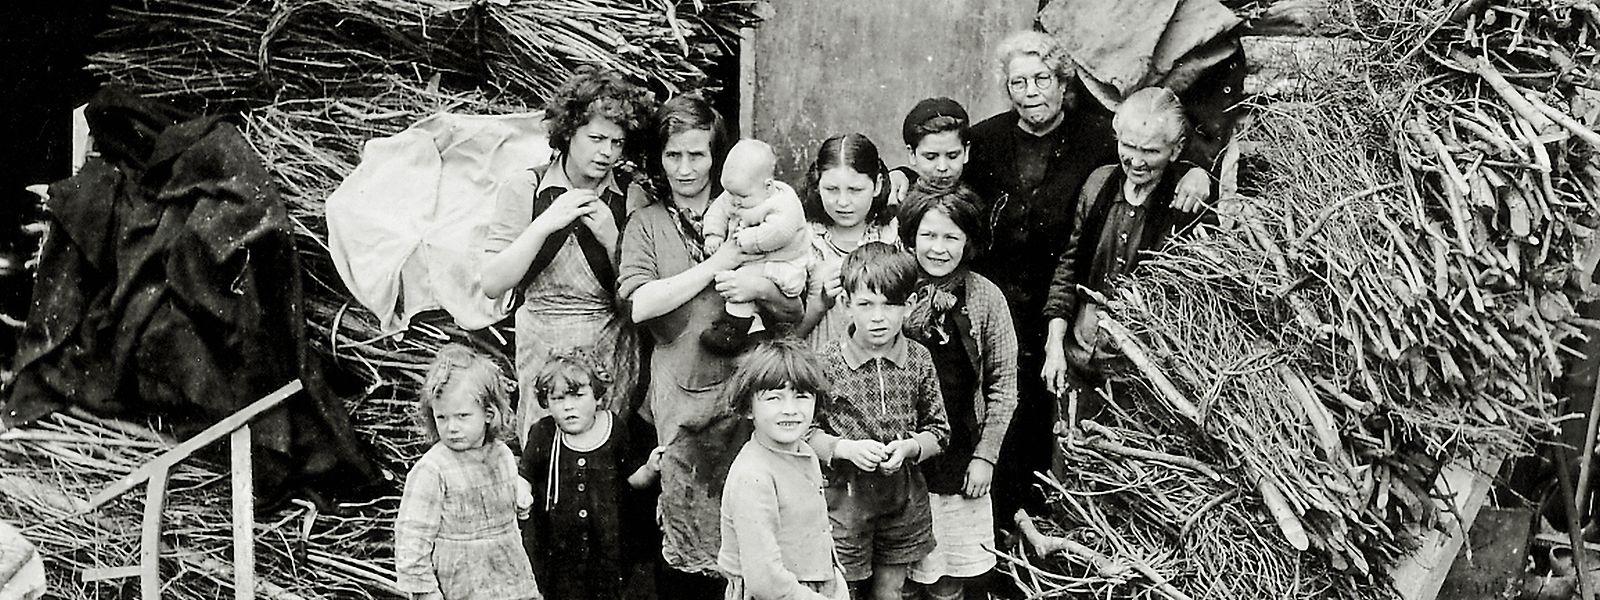 Kinder und Frauen kommen am 26. Juli 1944 in Saint-Lô aus ihren Schutzräumen.